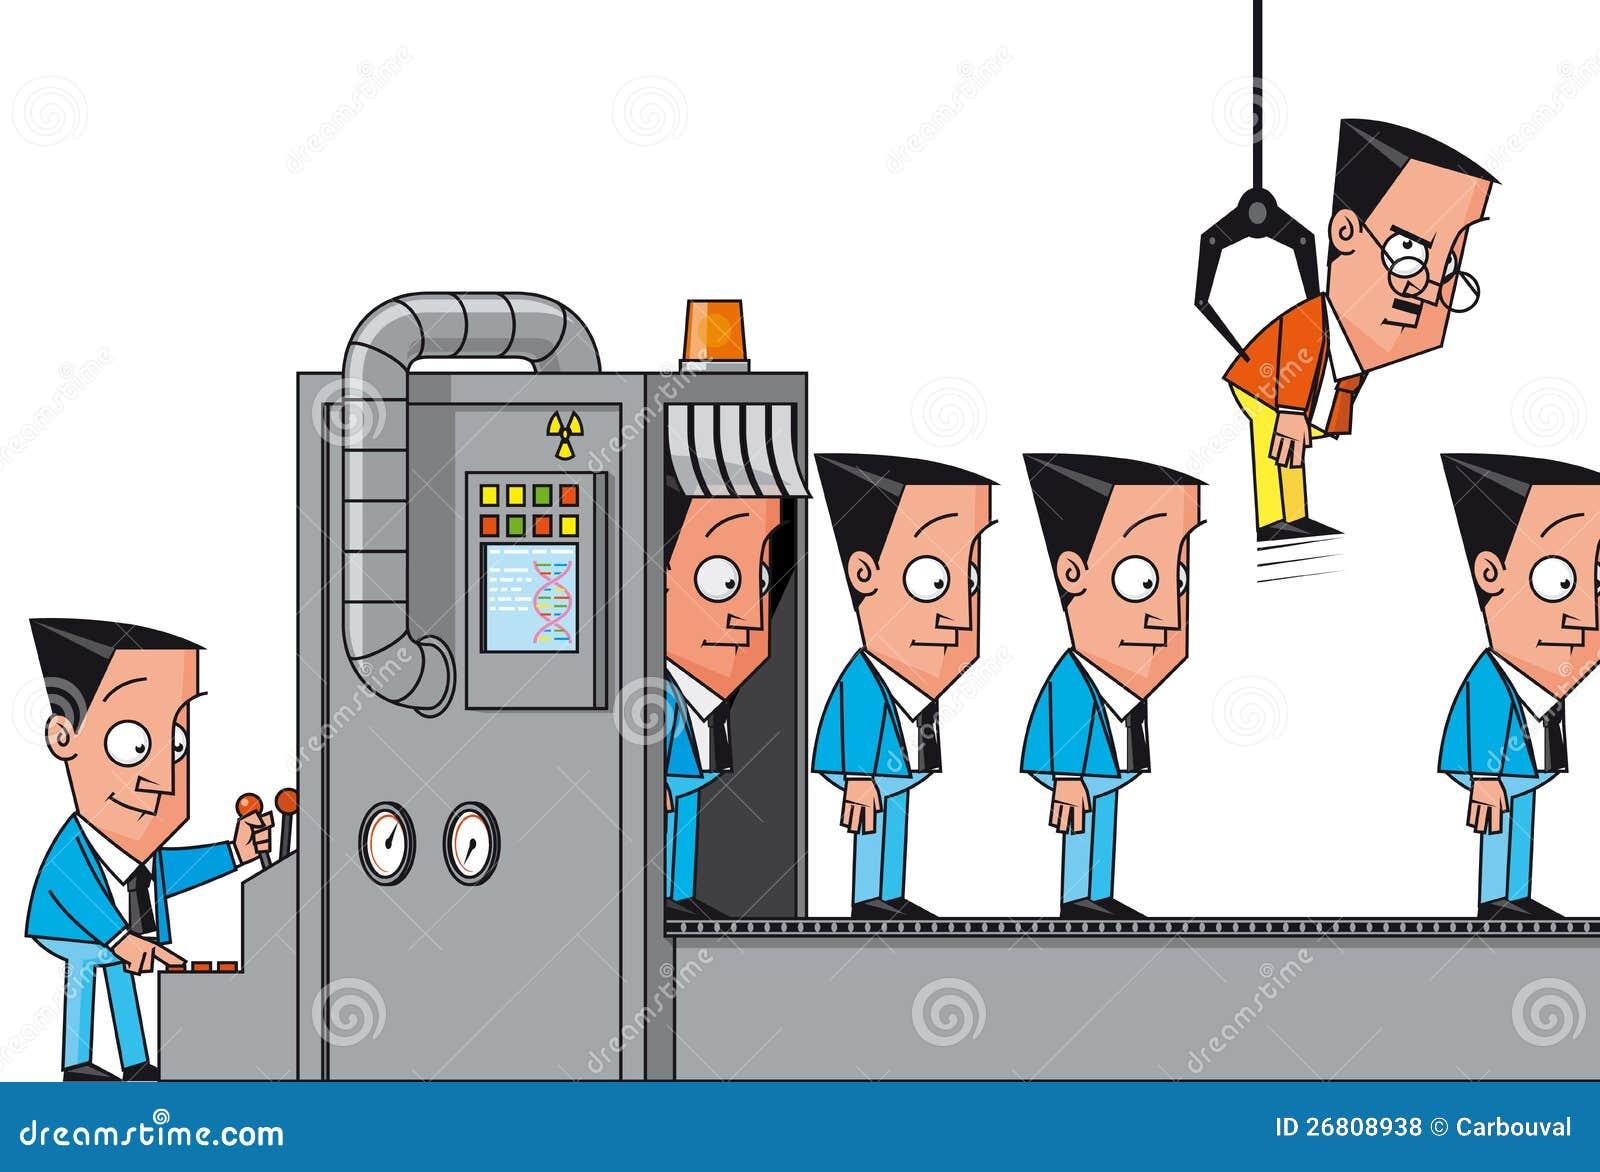 clone credit card machine